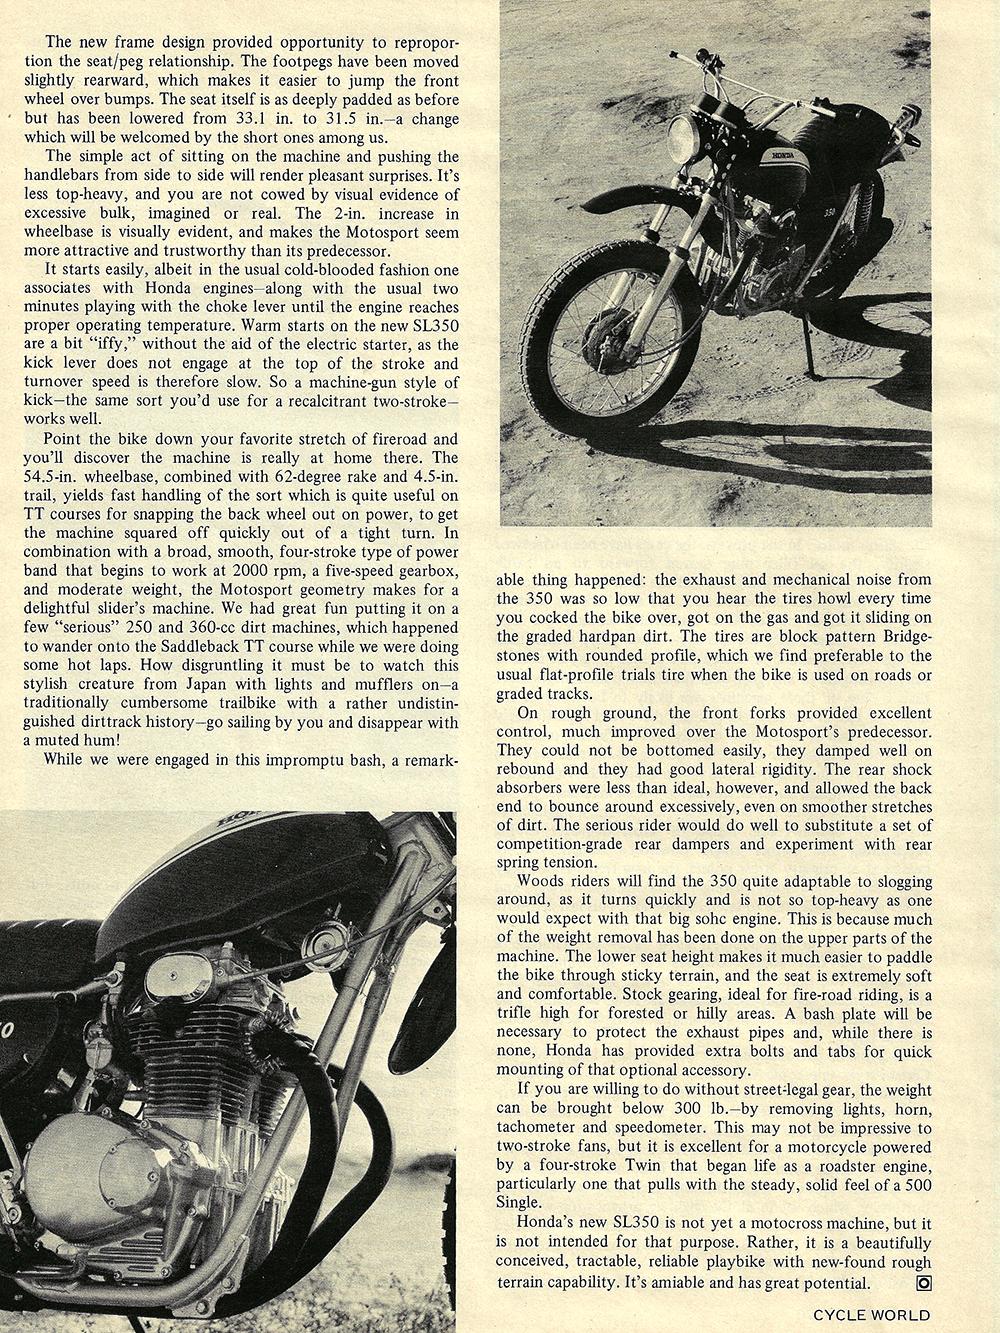 1970 Honda Motosport SL350 road test 03.jpg